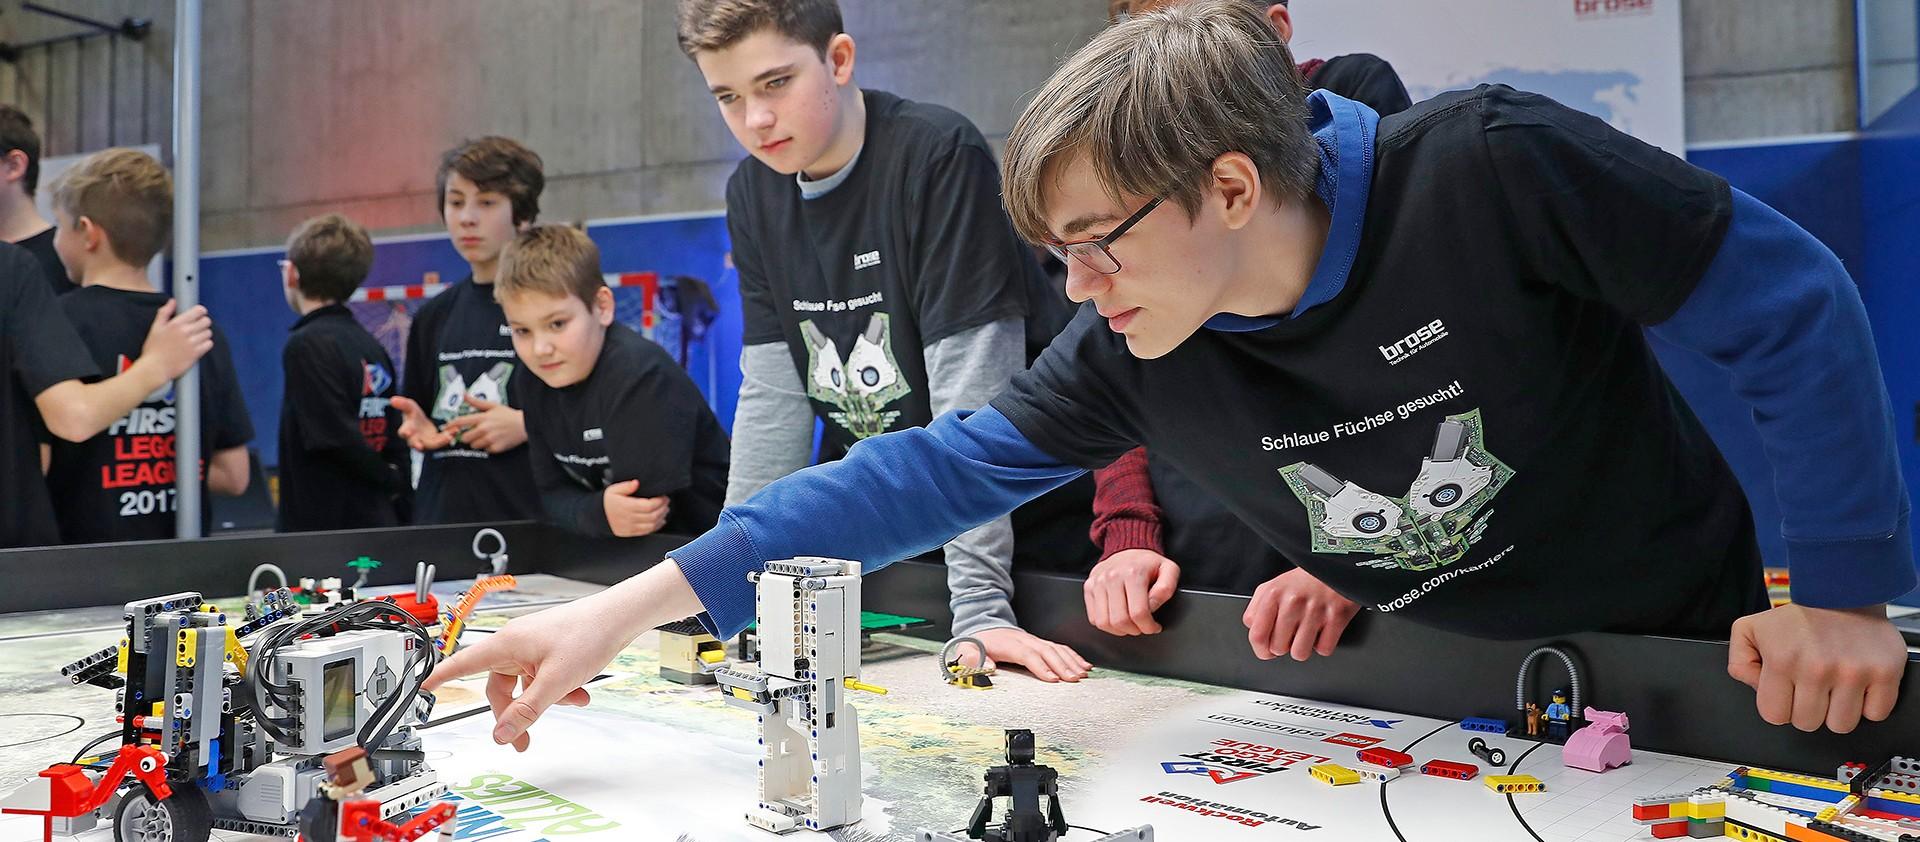 Brose-Wettstreit-der-Lego-Roboter-in-Wuerzburg-2017_presse_xl_19203